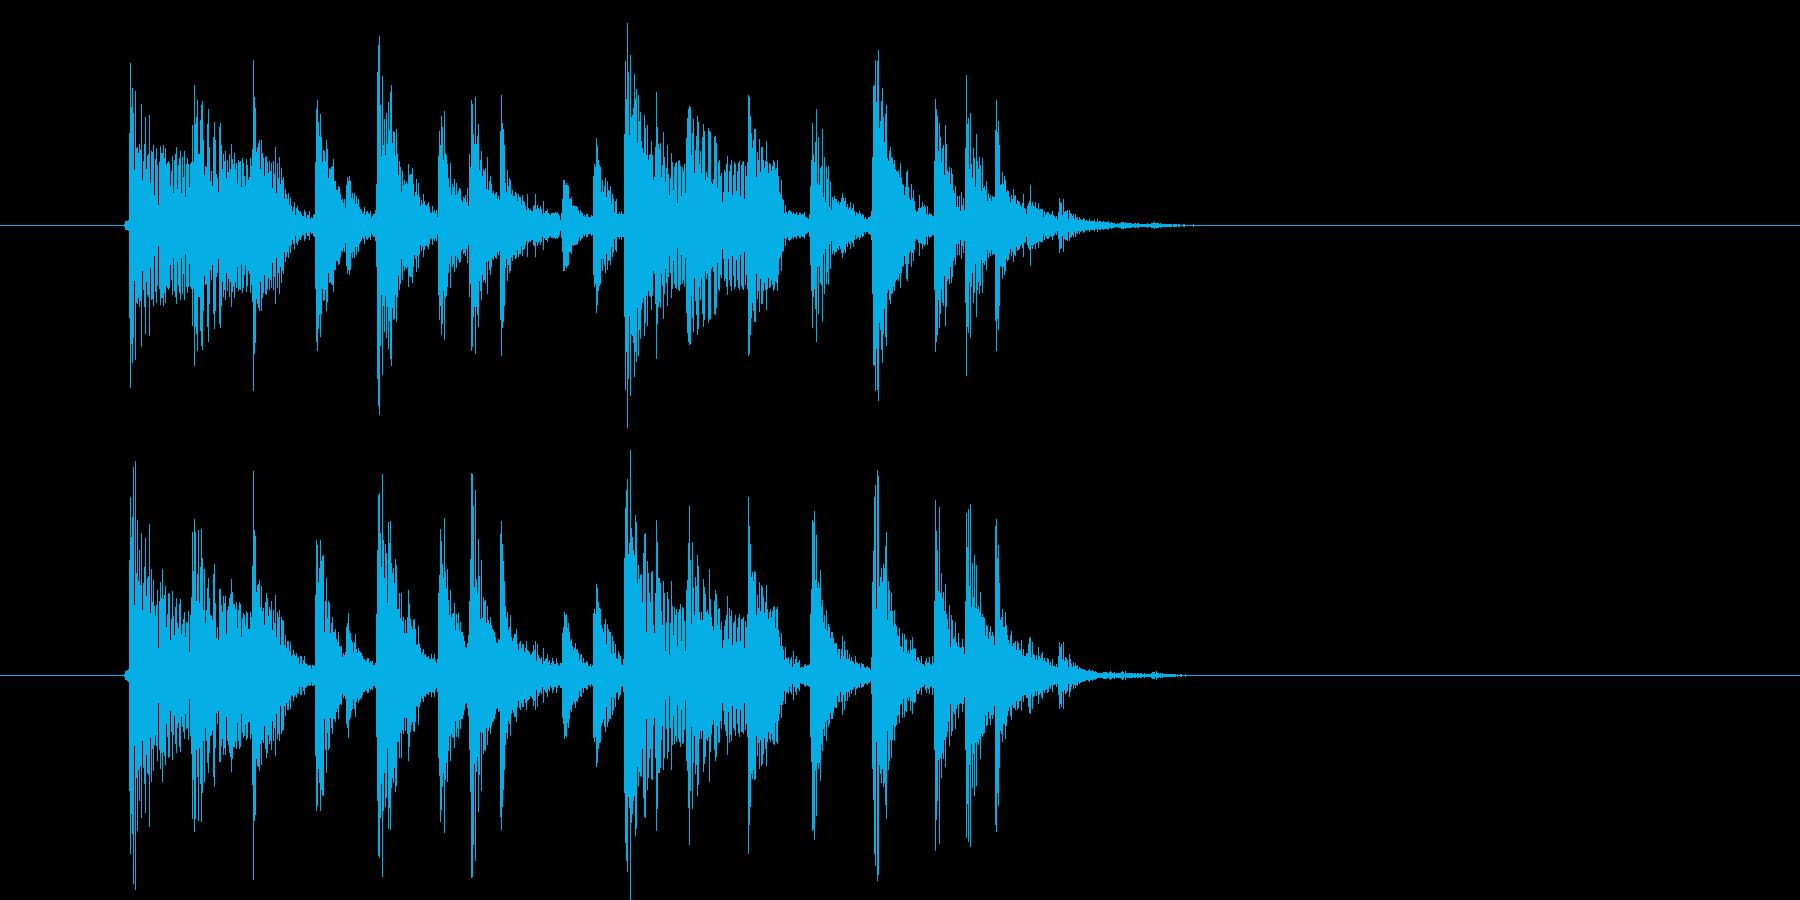 アップテンポなテクノミュージックの再生済みの波形